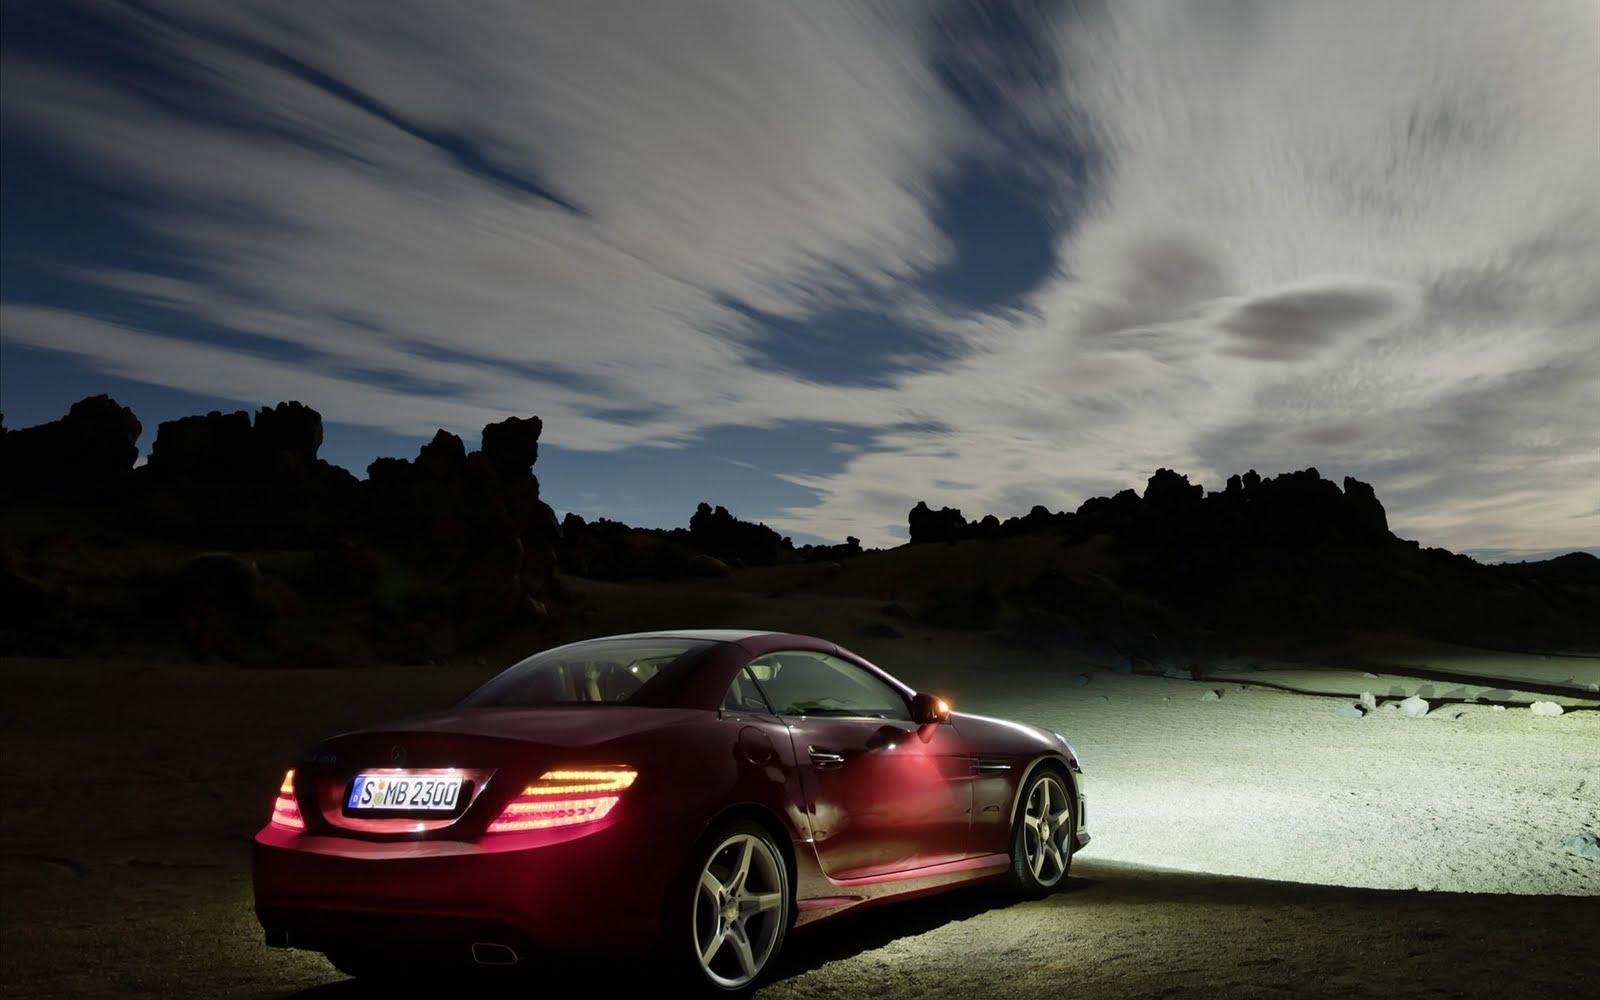 http://3.bp.blogspot.com/-EDHJet0bEUE/Tj05CX-aiNI/AAAAAAAAAZk/Qlb_VJvoKoE/s1600/Mercedes-Benz-SLK-Roadster-2012-widescreen-06.jpg